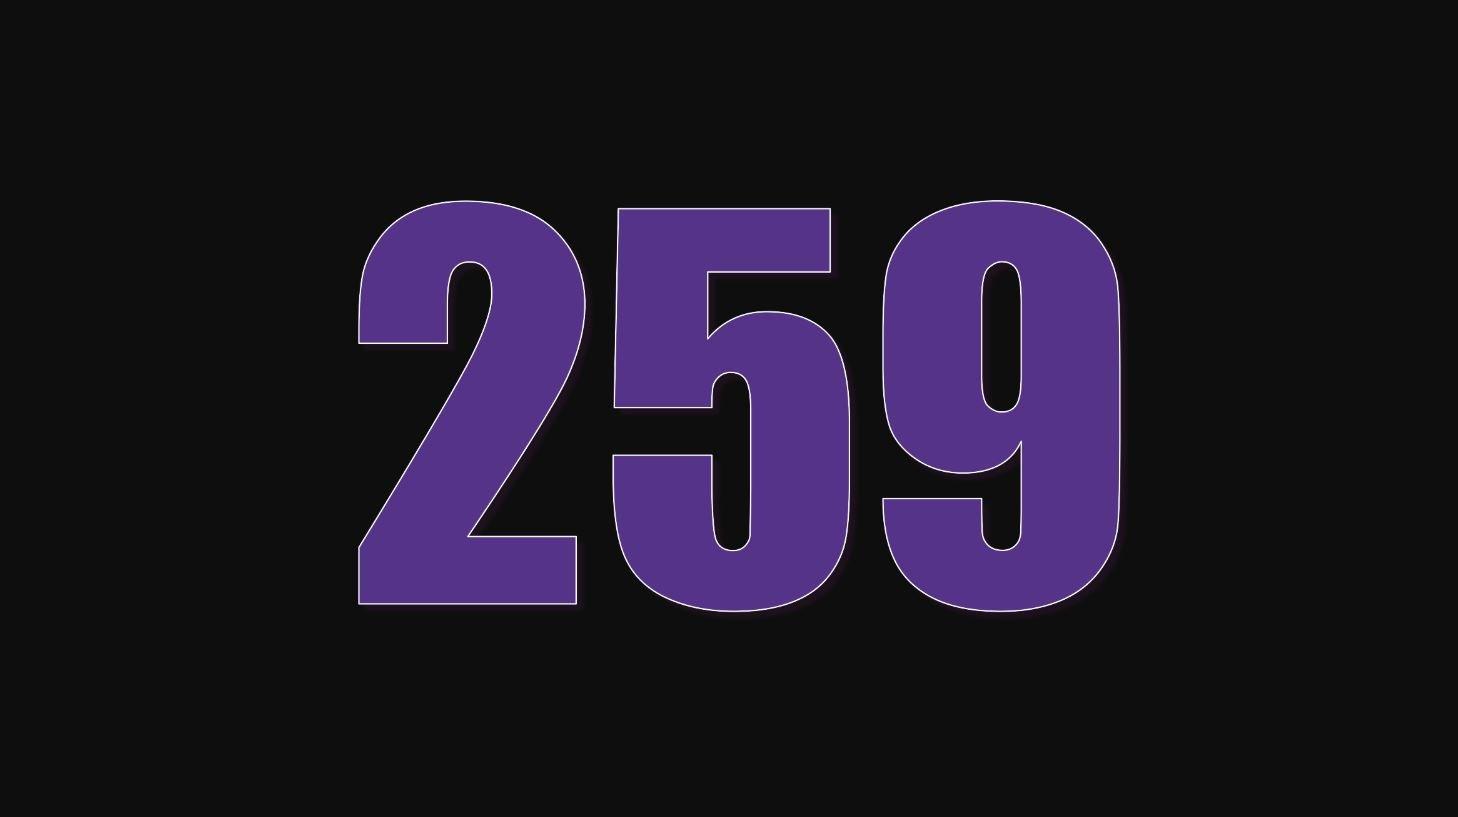 Significado del número 259